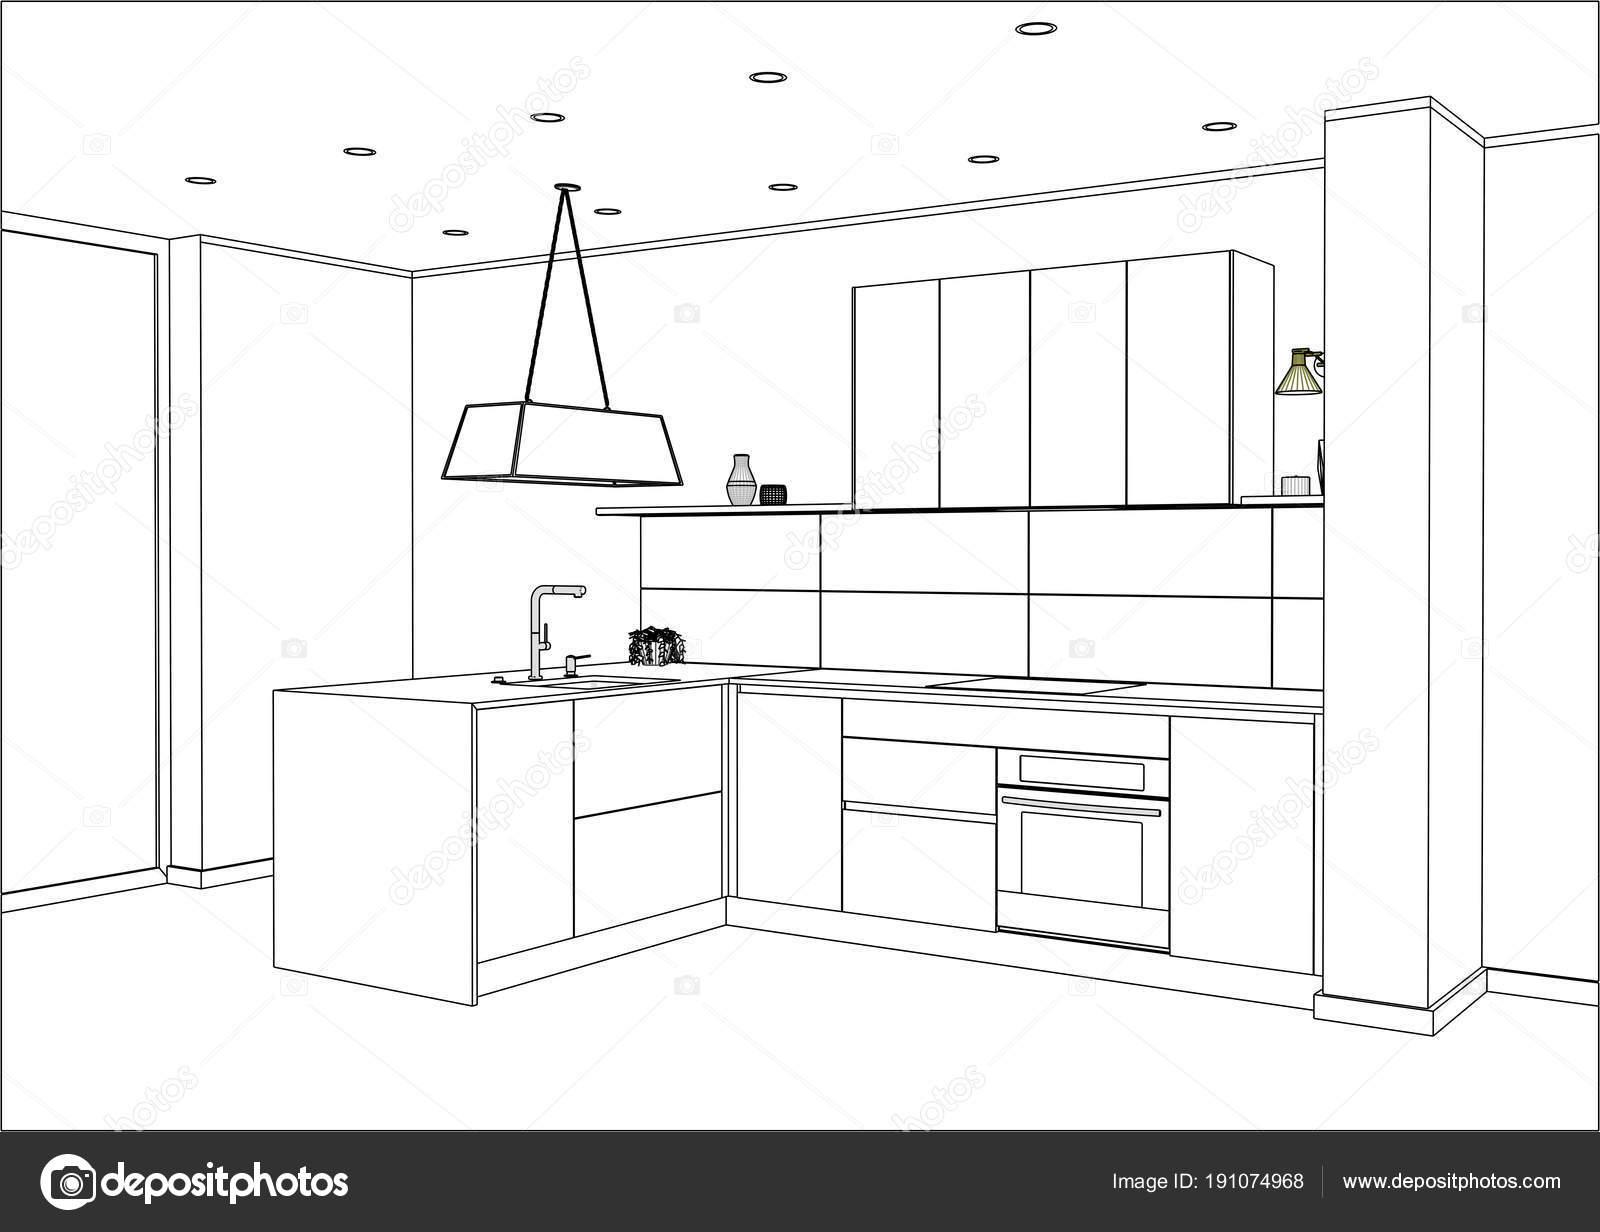 Dibujo De Cocina Con Adornos Y Electrodomésticos. Península De Cocina En La  Habitación. Lámpara Colgante U2014 Vector De Richard_salamander| ...